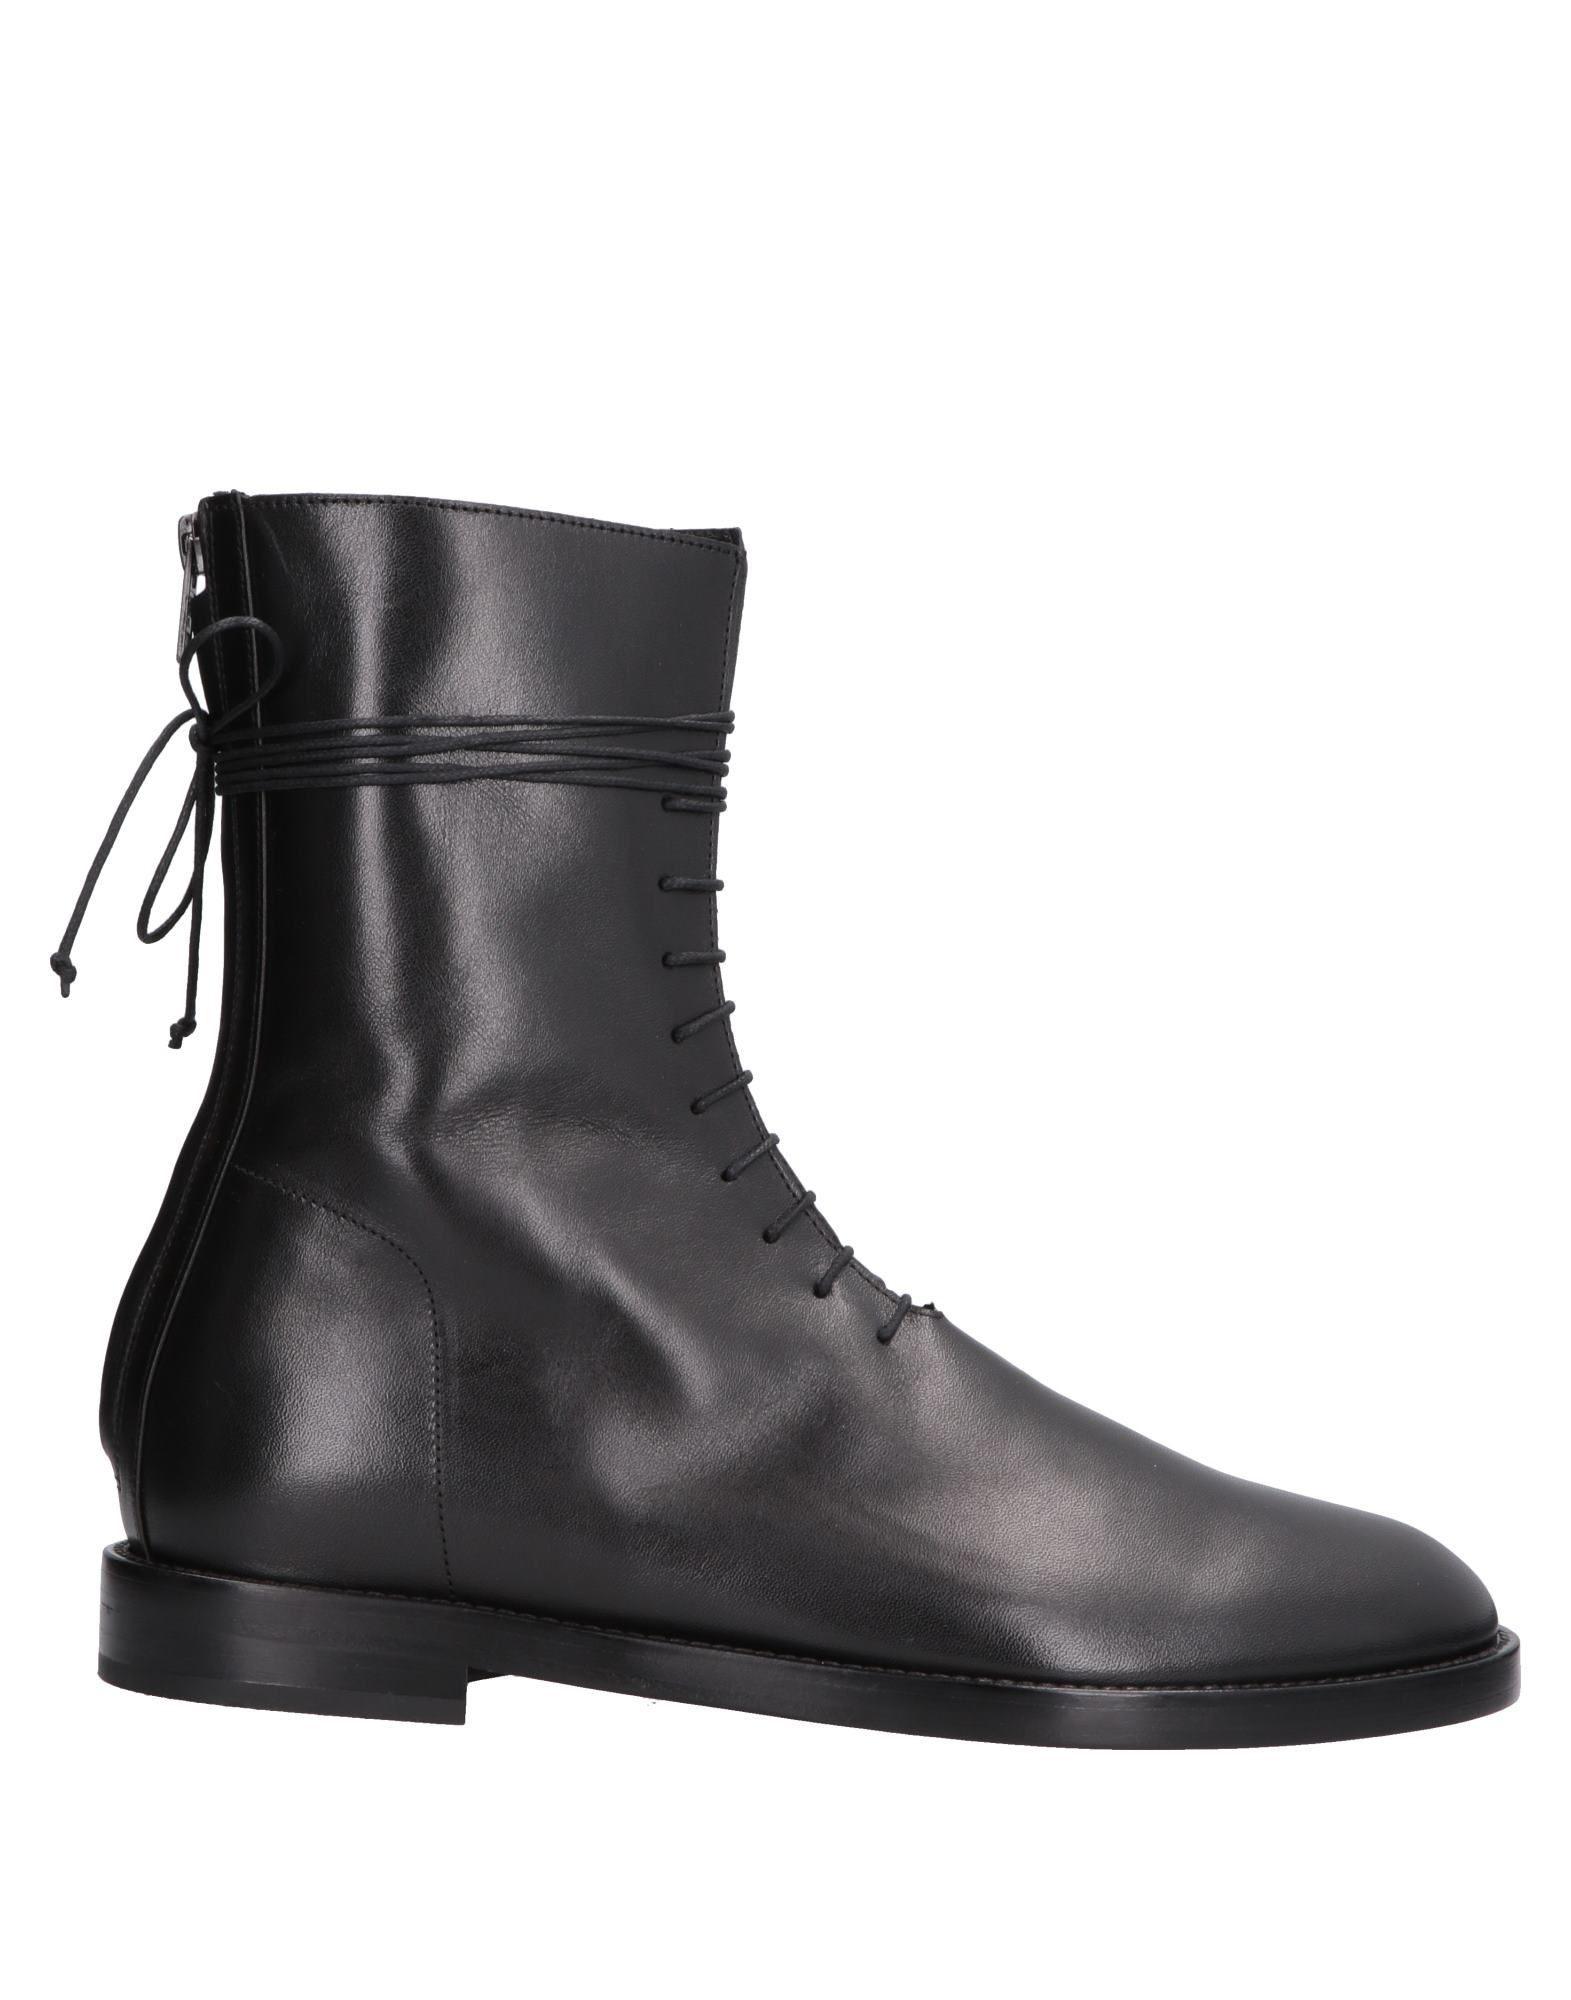 《送料無料》ANN DEMEULEMEESTER メンズ ブーツ ブラック 43 牛革(カーフ)